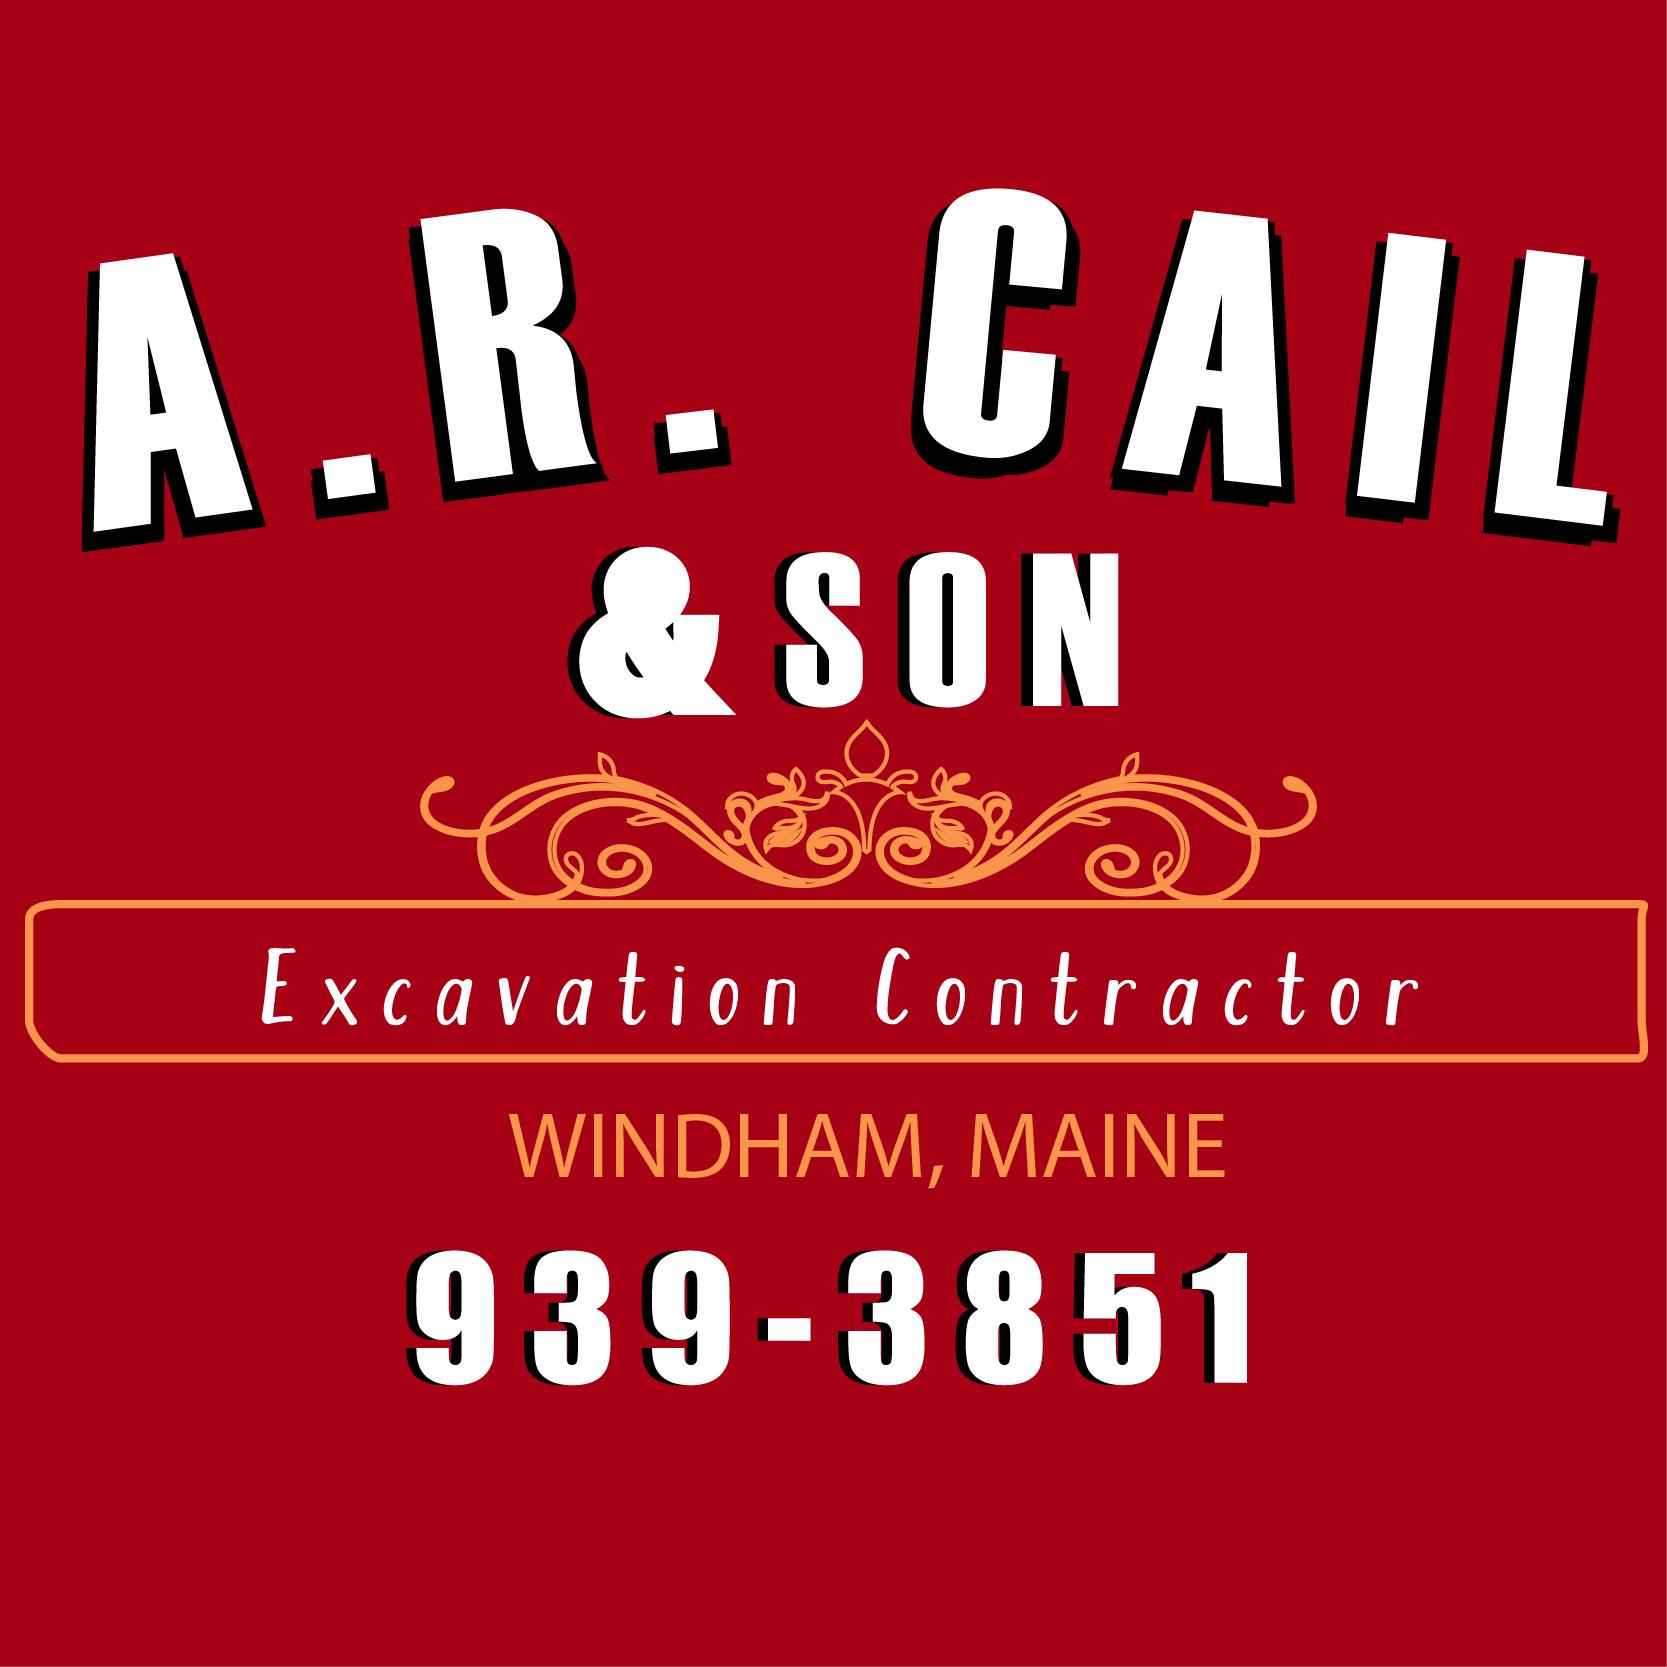 applicators sales & services inc portland me